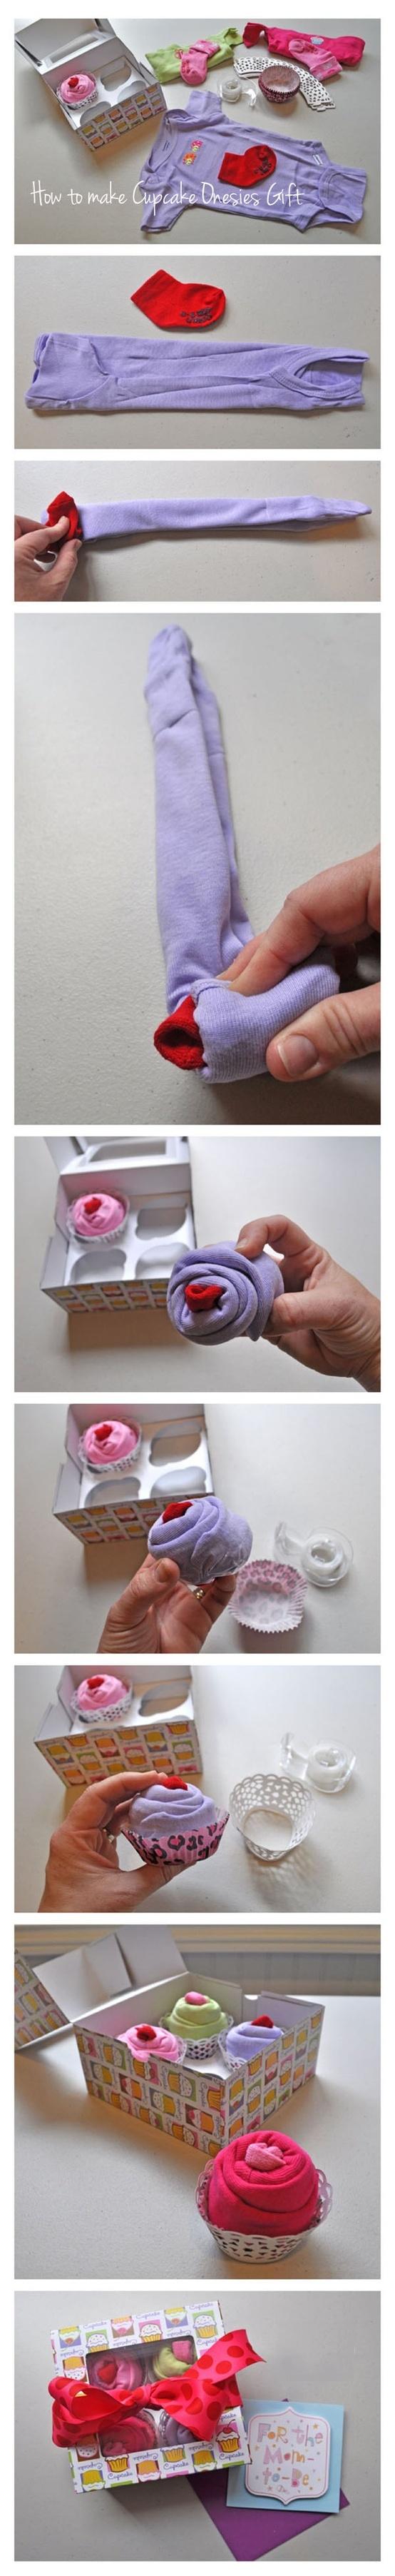 Original Cupcake Onesies Gift